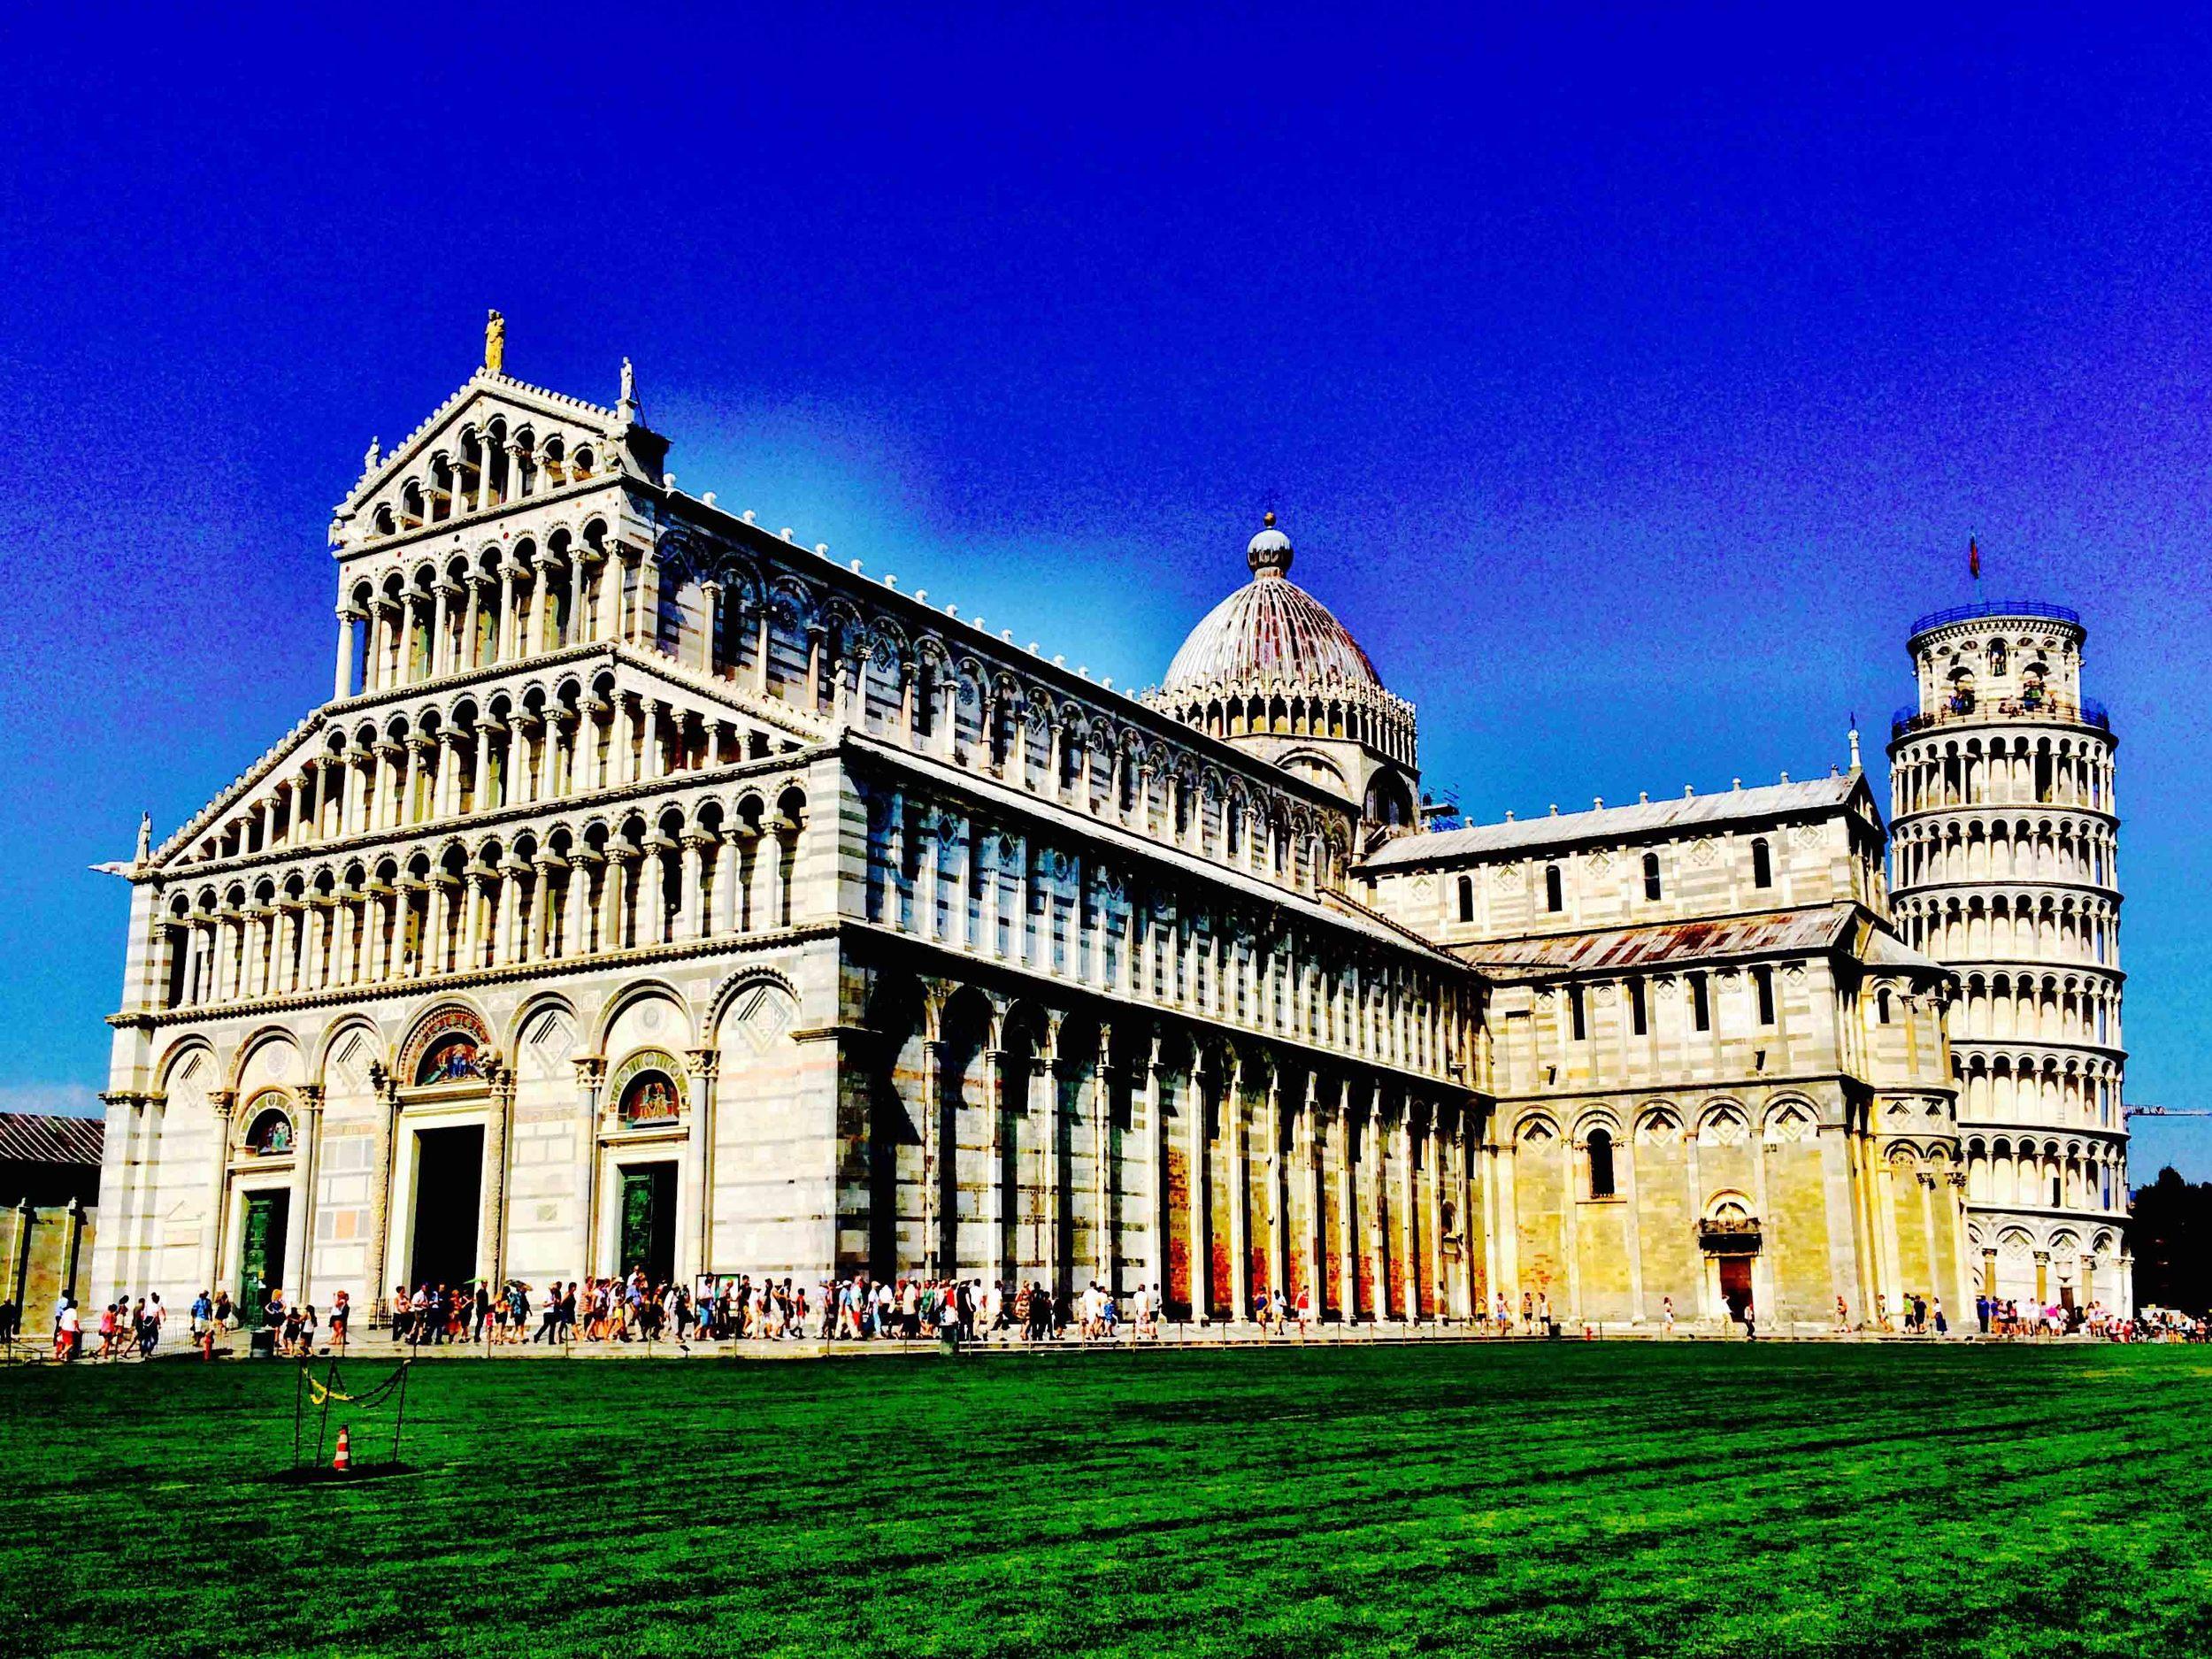 Pisa, July 2015